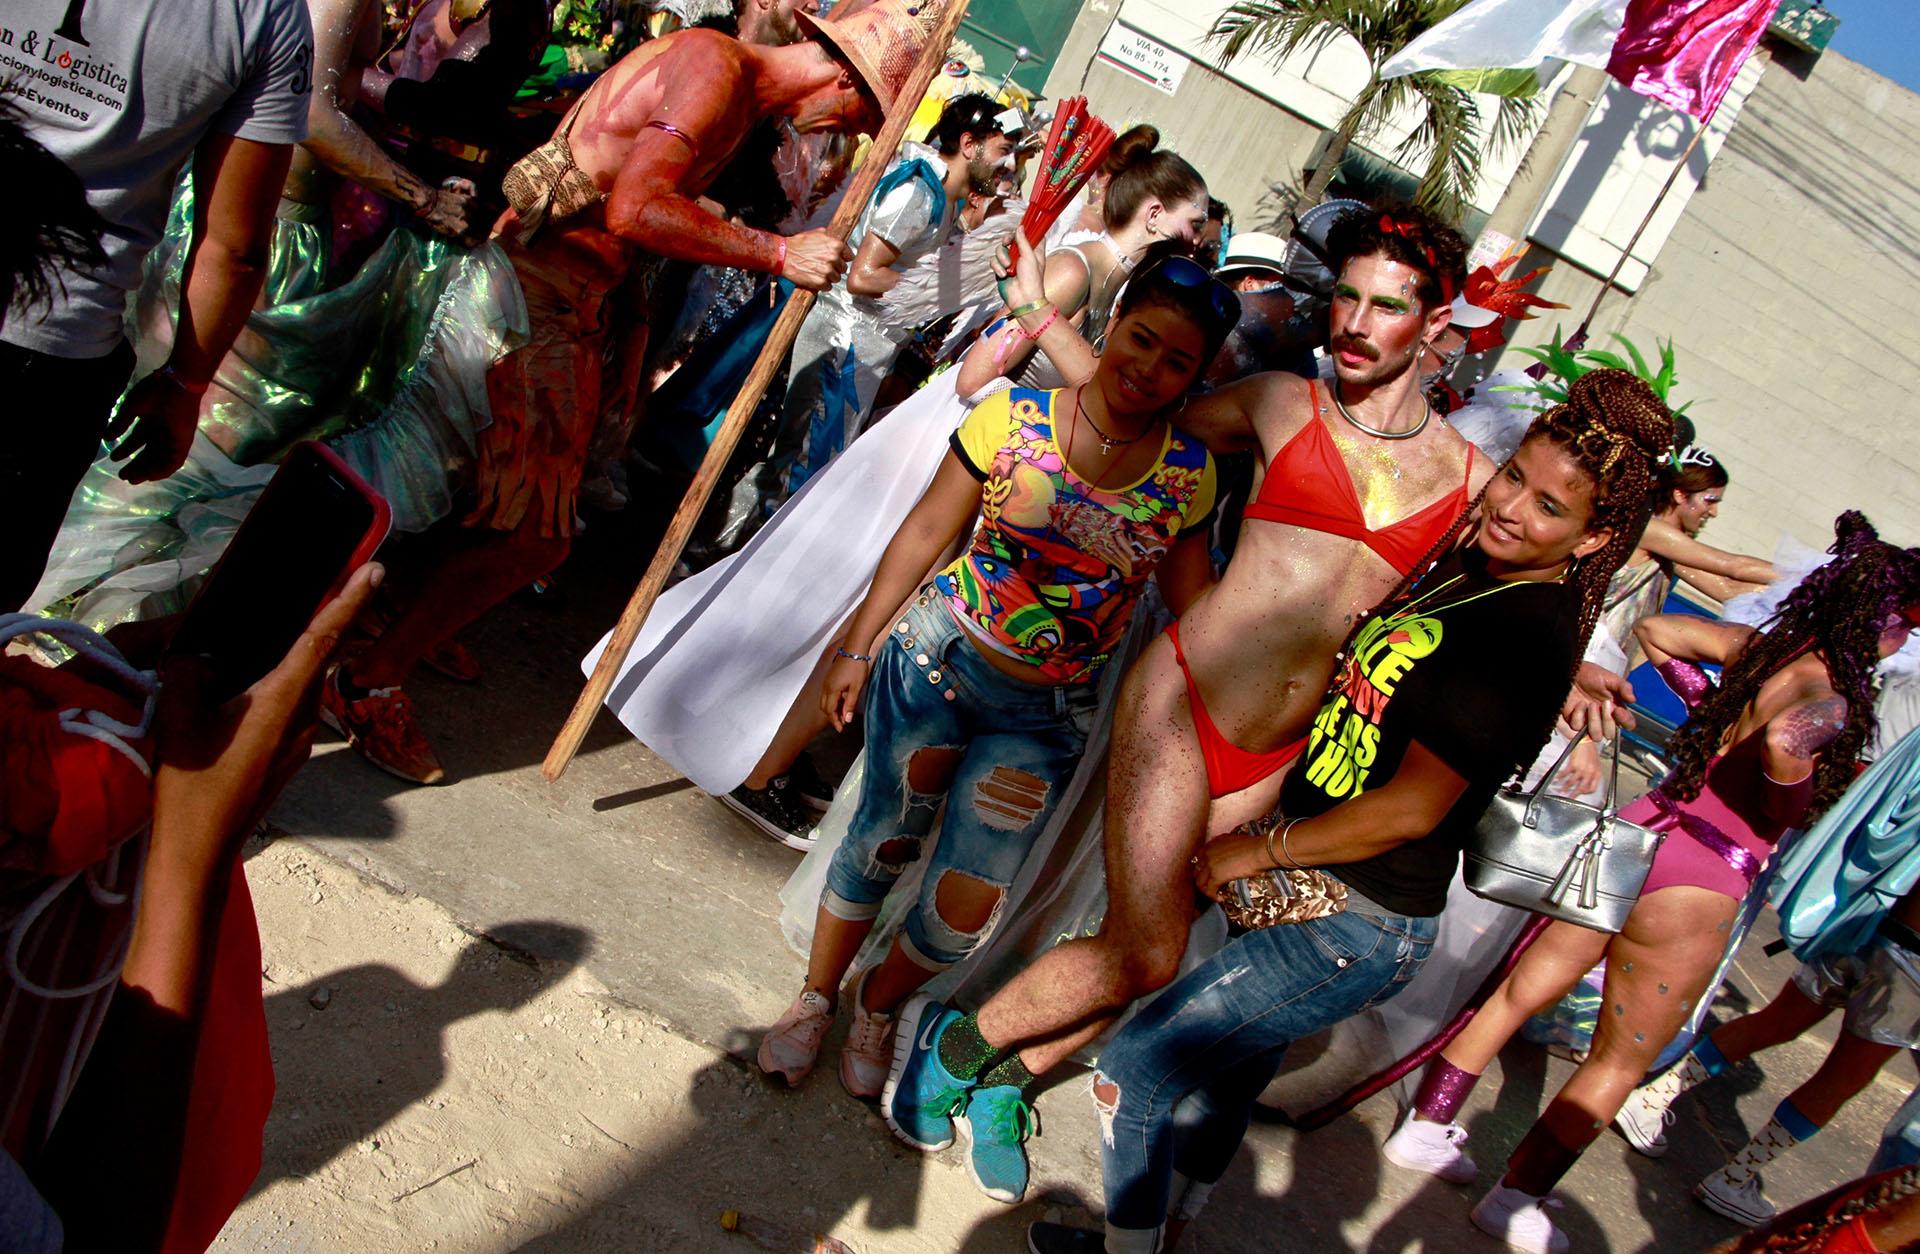 Dos asistentes al desfile se saltaron la valla para tomarse una foto con uno de los bailarines de la comparsa La Puntica No Ma'